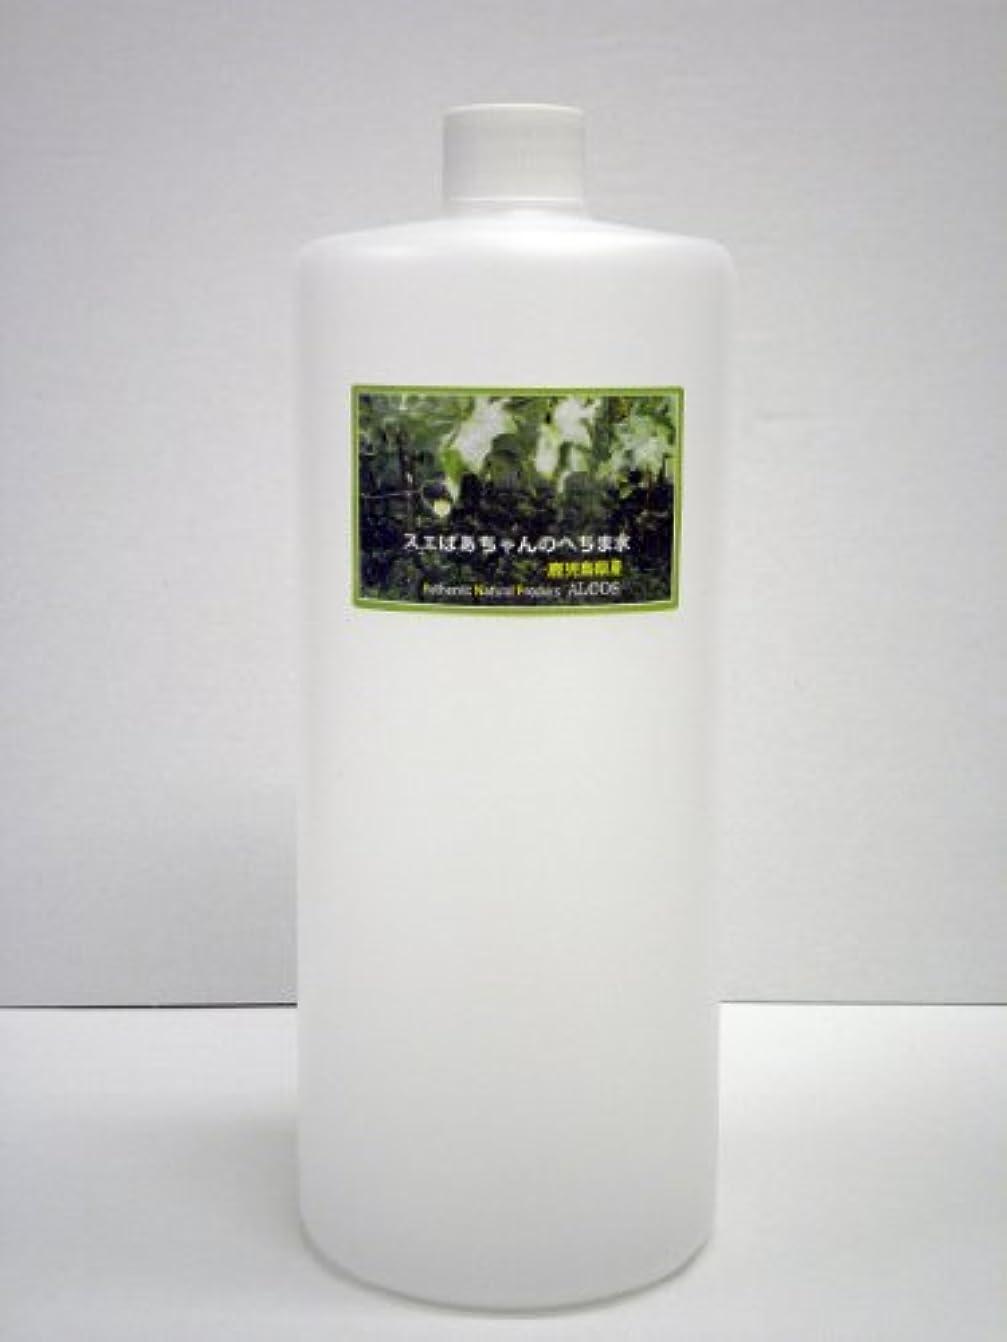 ボタン方法匹敵しますスエばあちゃんのへちま水(容量1000ml)鹿児島県産?有機栽培(無農薬) ※完全無添加オーガニックヘチマ水100% ※商品のラベルはスエばあちゃんのへちま畑の写真です。ALCOS(アルコス) 天然へちま水 [1000]